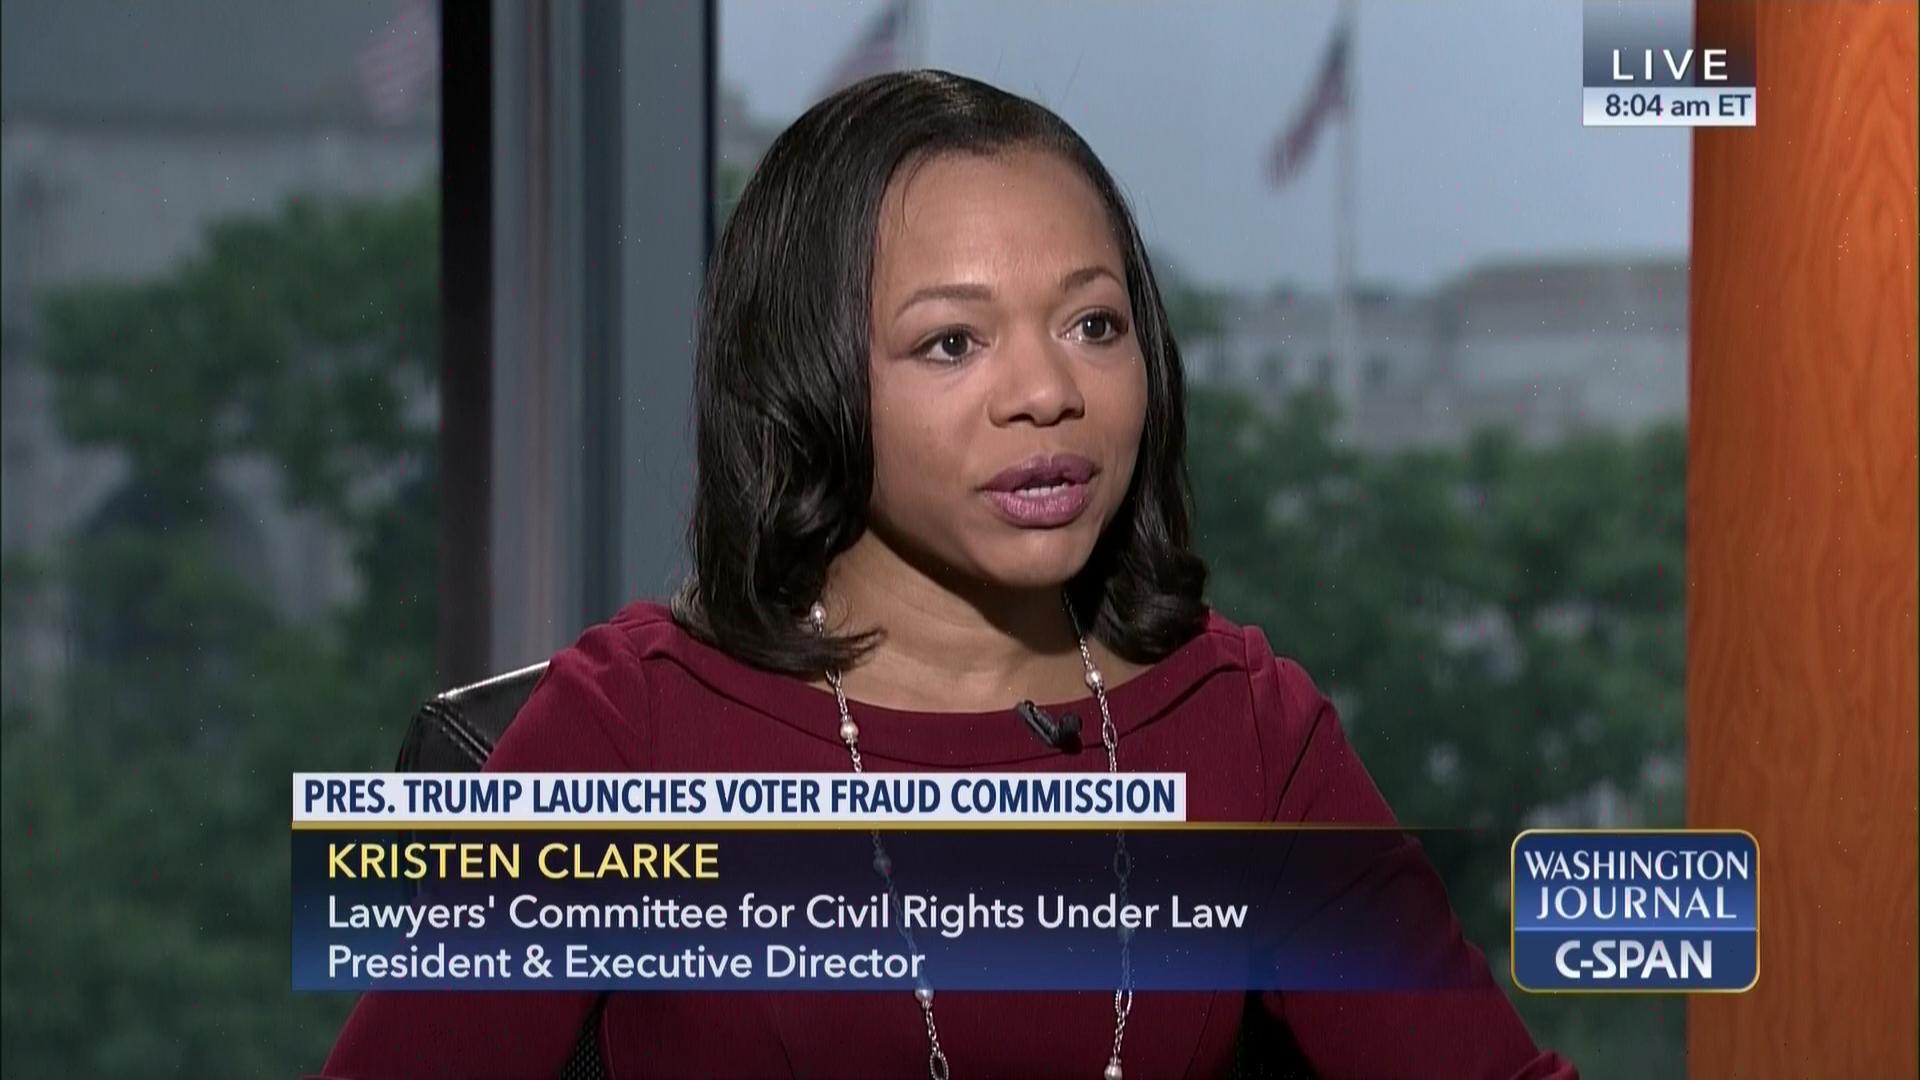 Kristen Clarke On Voter Fraud